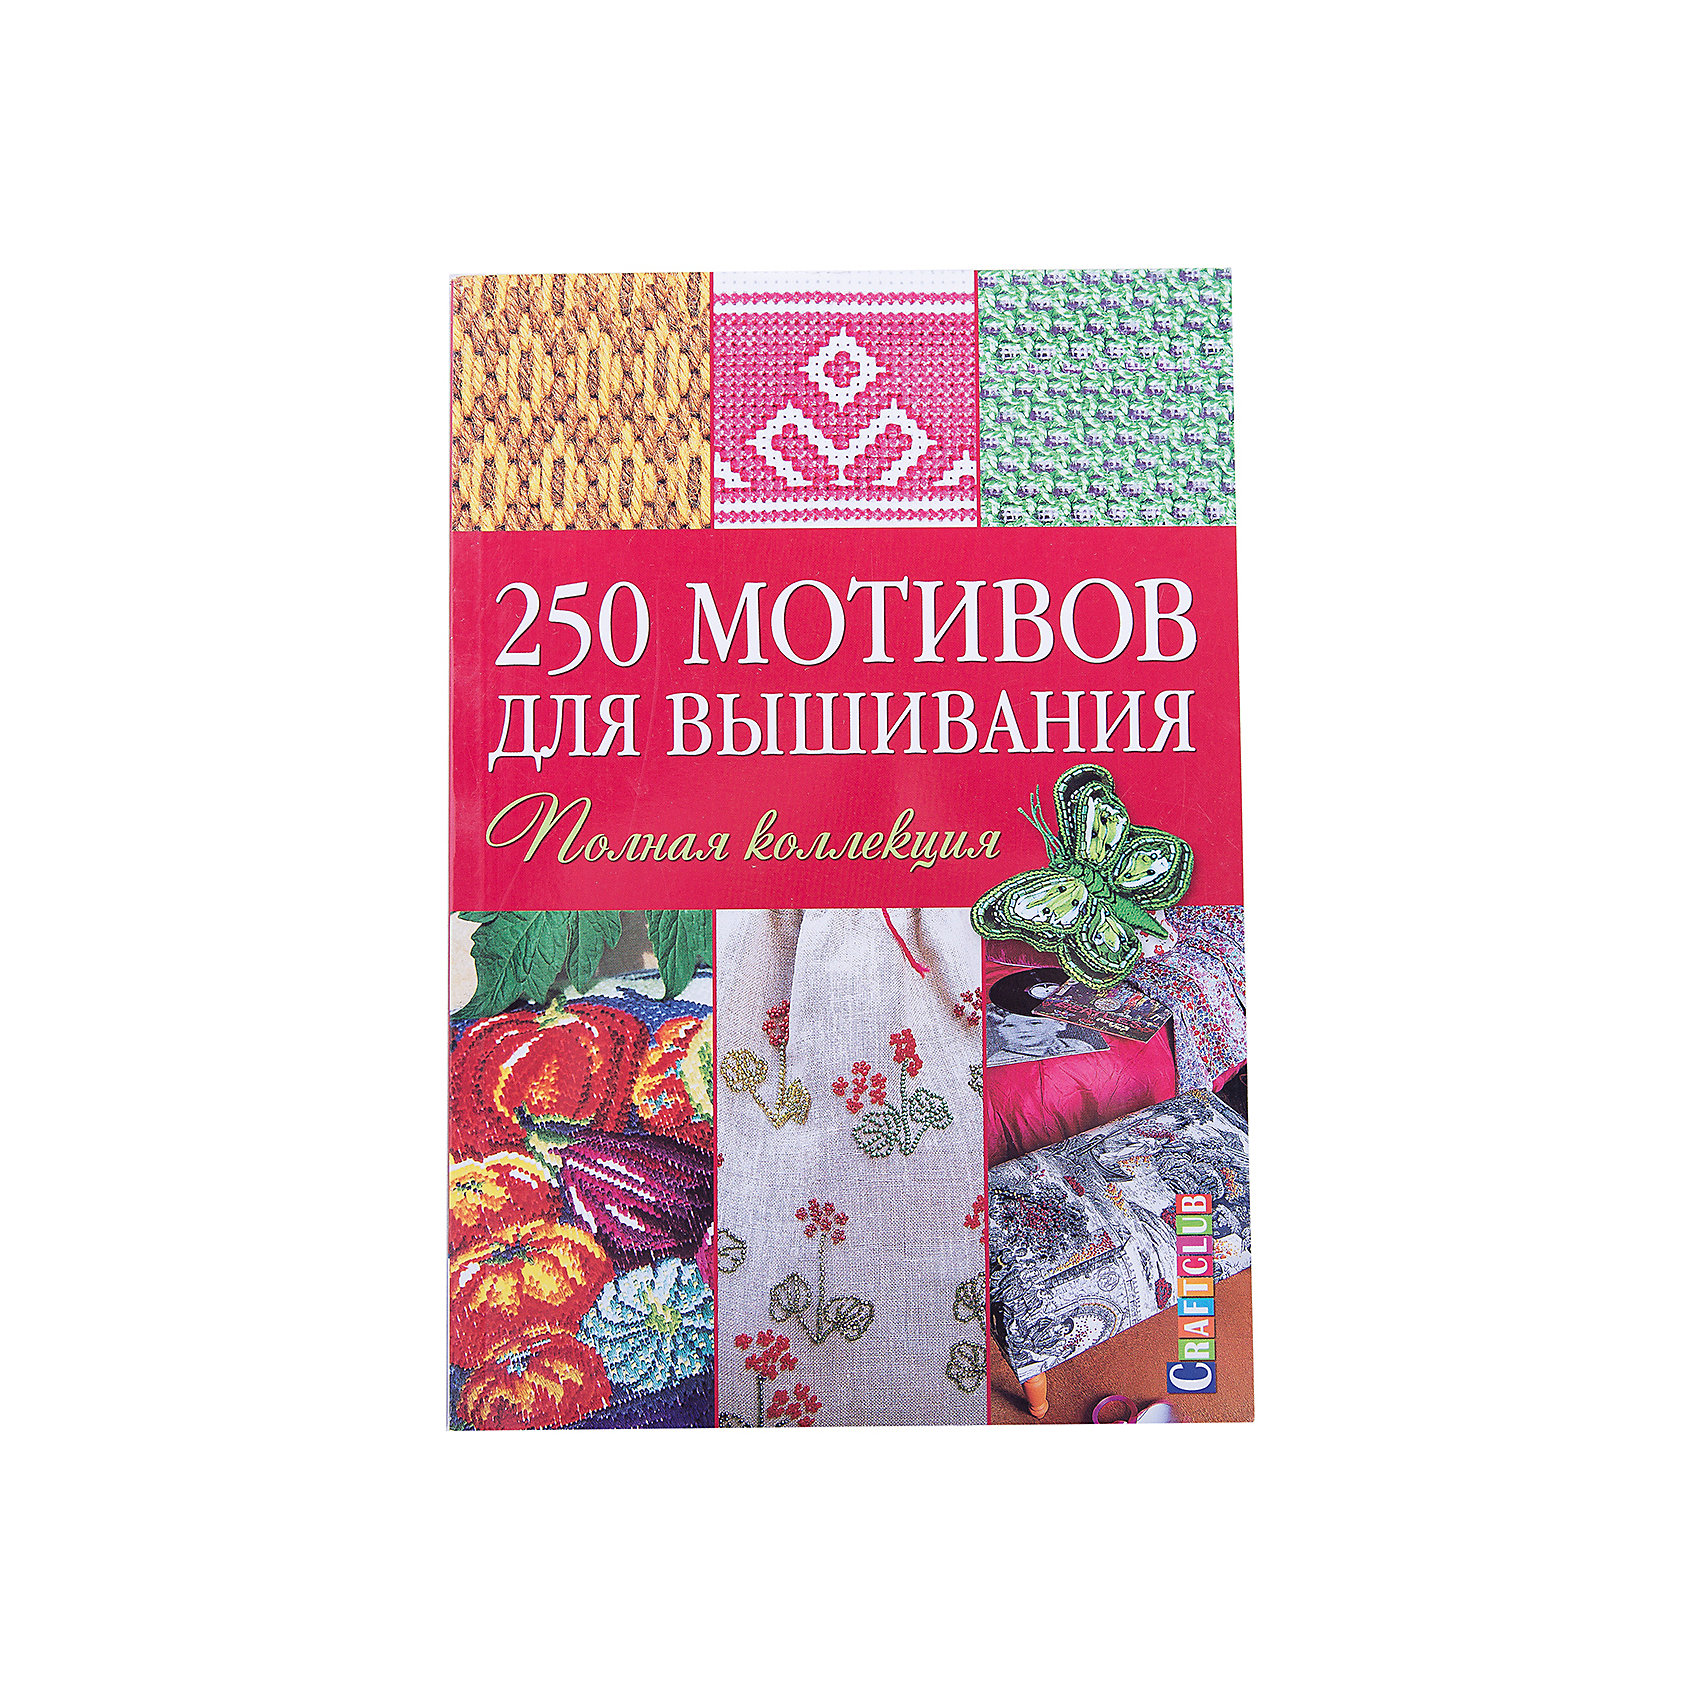 250 мотивов для вышиванияВышивание – это замечательный способ самовыражения. У каждой из нас наверняка найдется несколько оригинальных идей, как дополнить свой гардероб эффектными изделиями, украшенными неповторимыми узорами, и как со вкусом оформить интерьер гостиной или кухни. Оригинальная коллекция из 250 стежков и мотивов для вышивания, представленная в этой книге, откроет перед вами мир безграничных возможностей для творчества, а простые, понятные схемы и яркие фотографии будут полезными и удобными как для начинающих, так и для опытных вышивальщиц.<br><br>Ширина мм: 170<br>Глубина мм: 8<br>Высота мм: 240<br>Вес г: 225<br>Возраст от месяцев: 192<br>Возраст до месяцев: 540<br>Пол: Унисекс<br>Возраст: Детский<br>SKU: 5162721